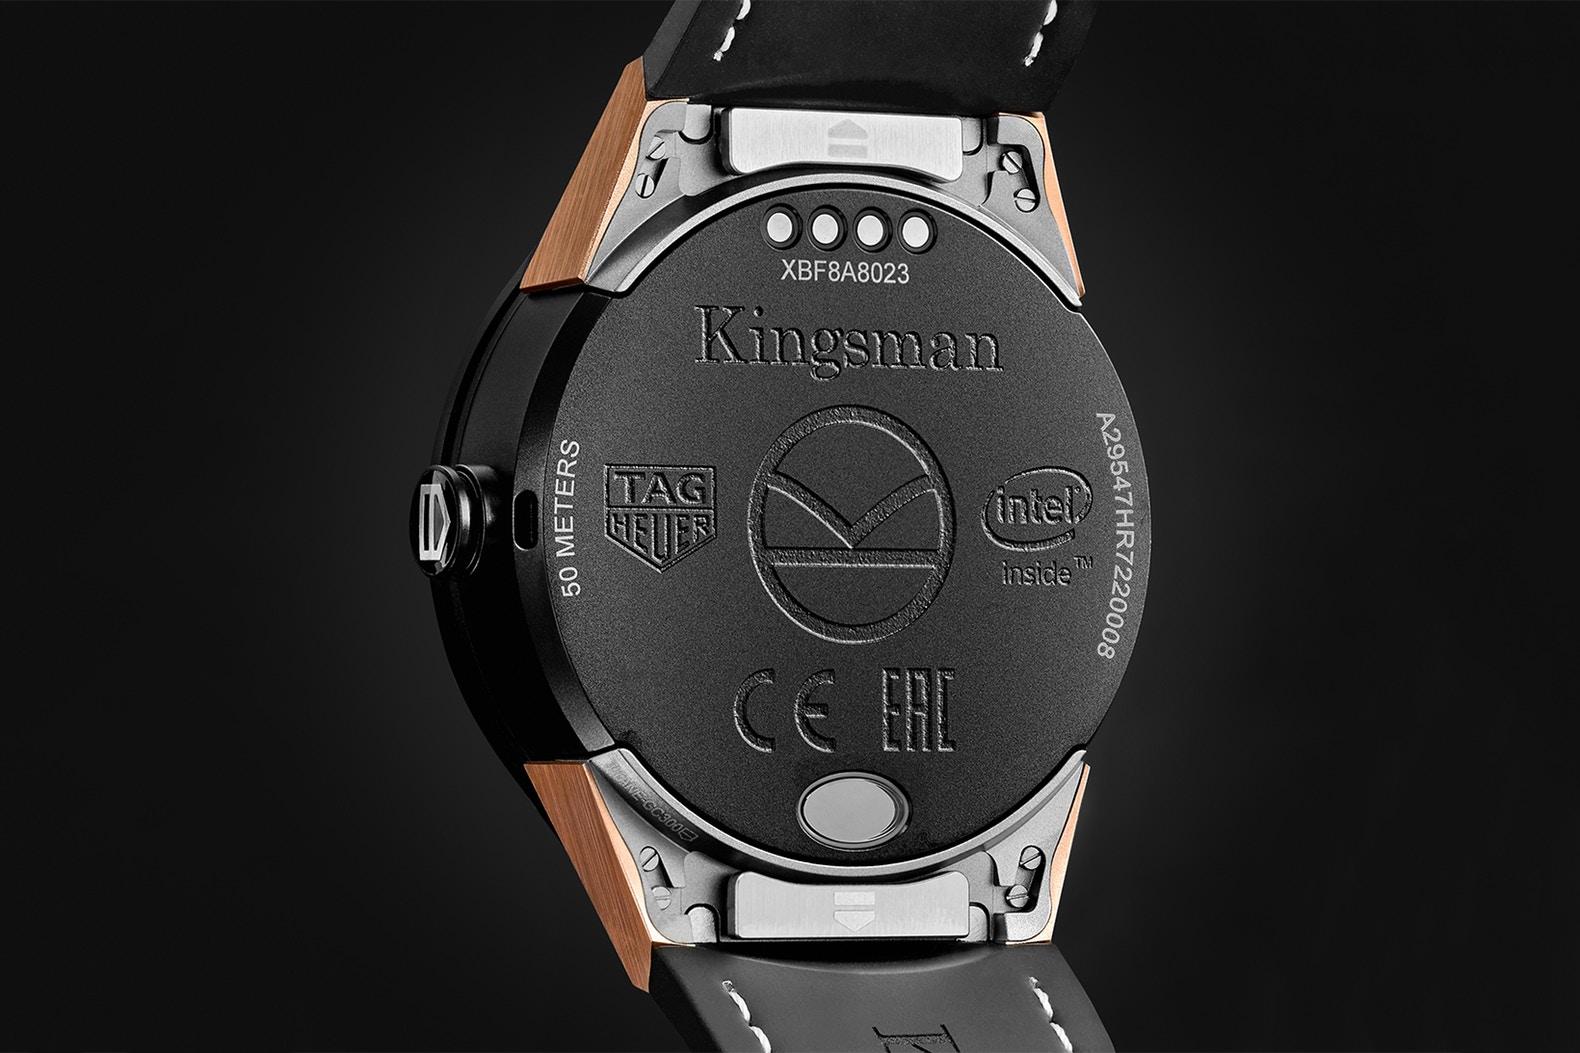 kingsman limited edition frillstash